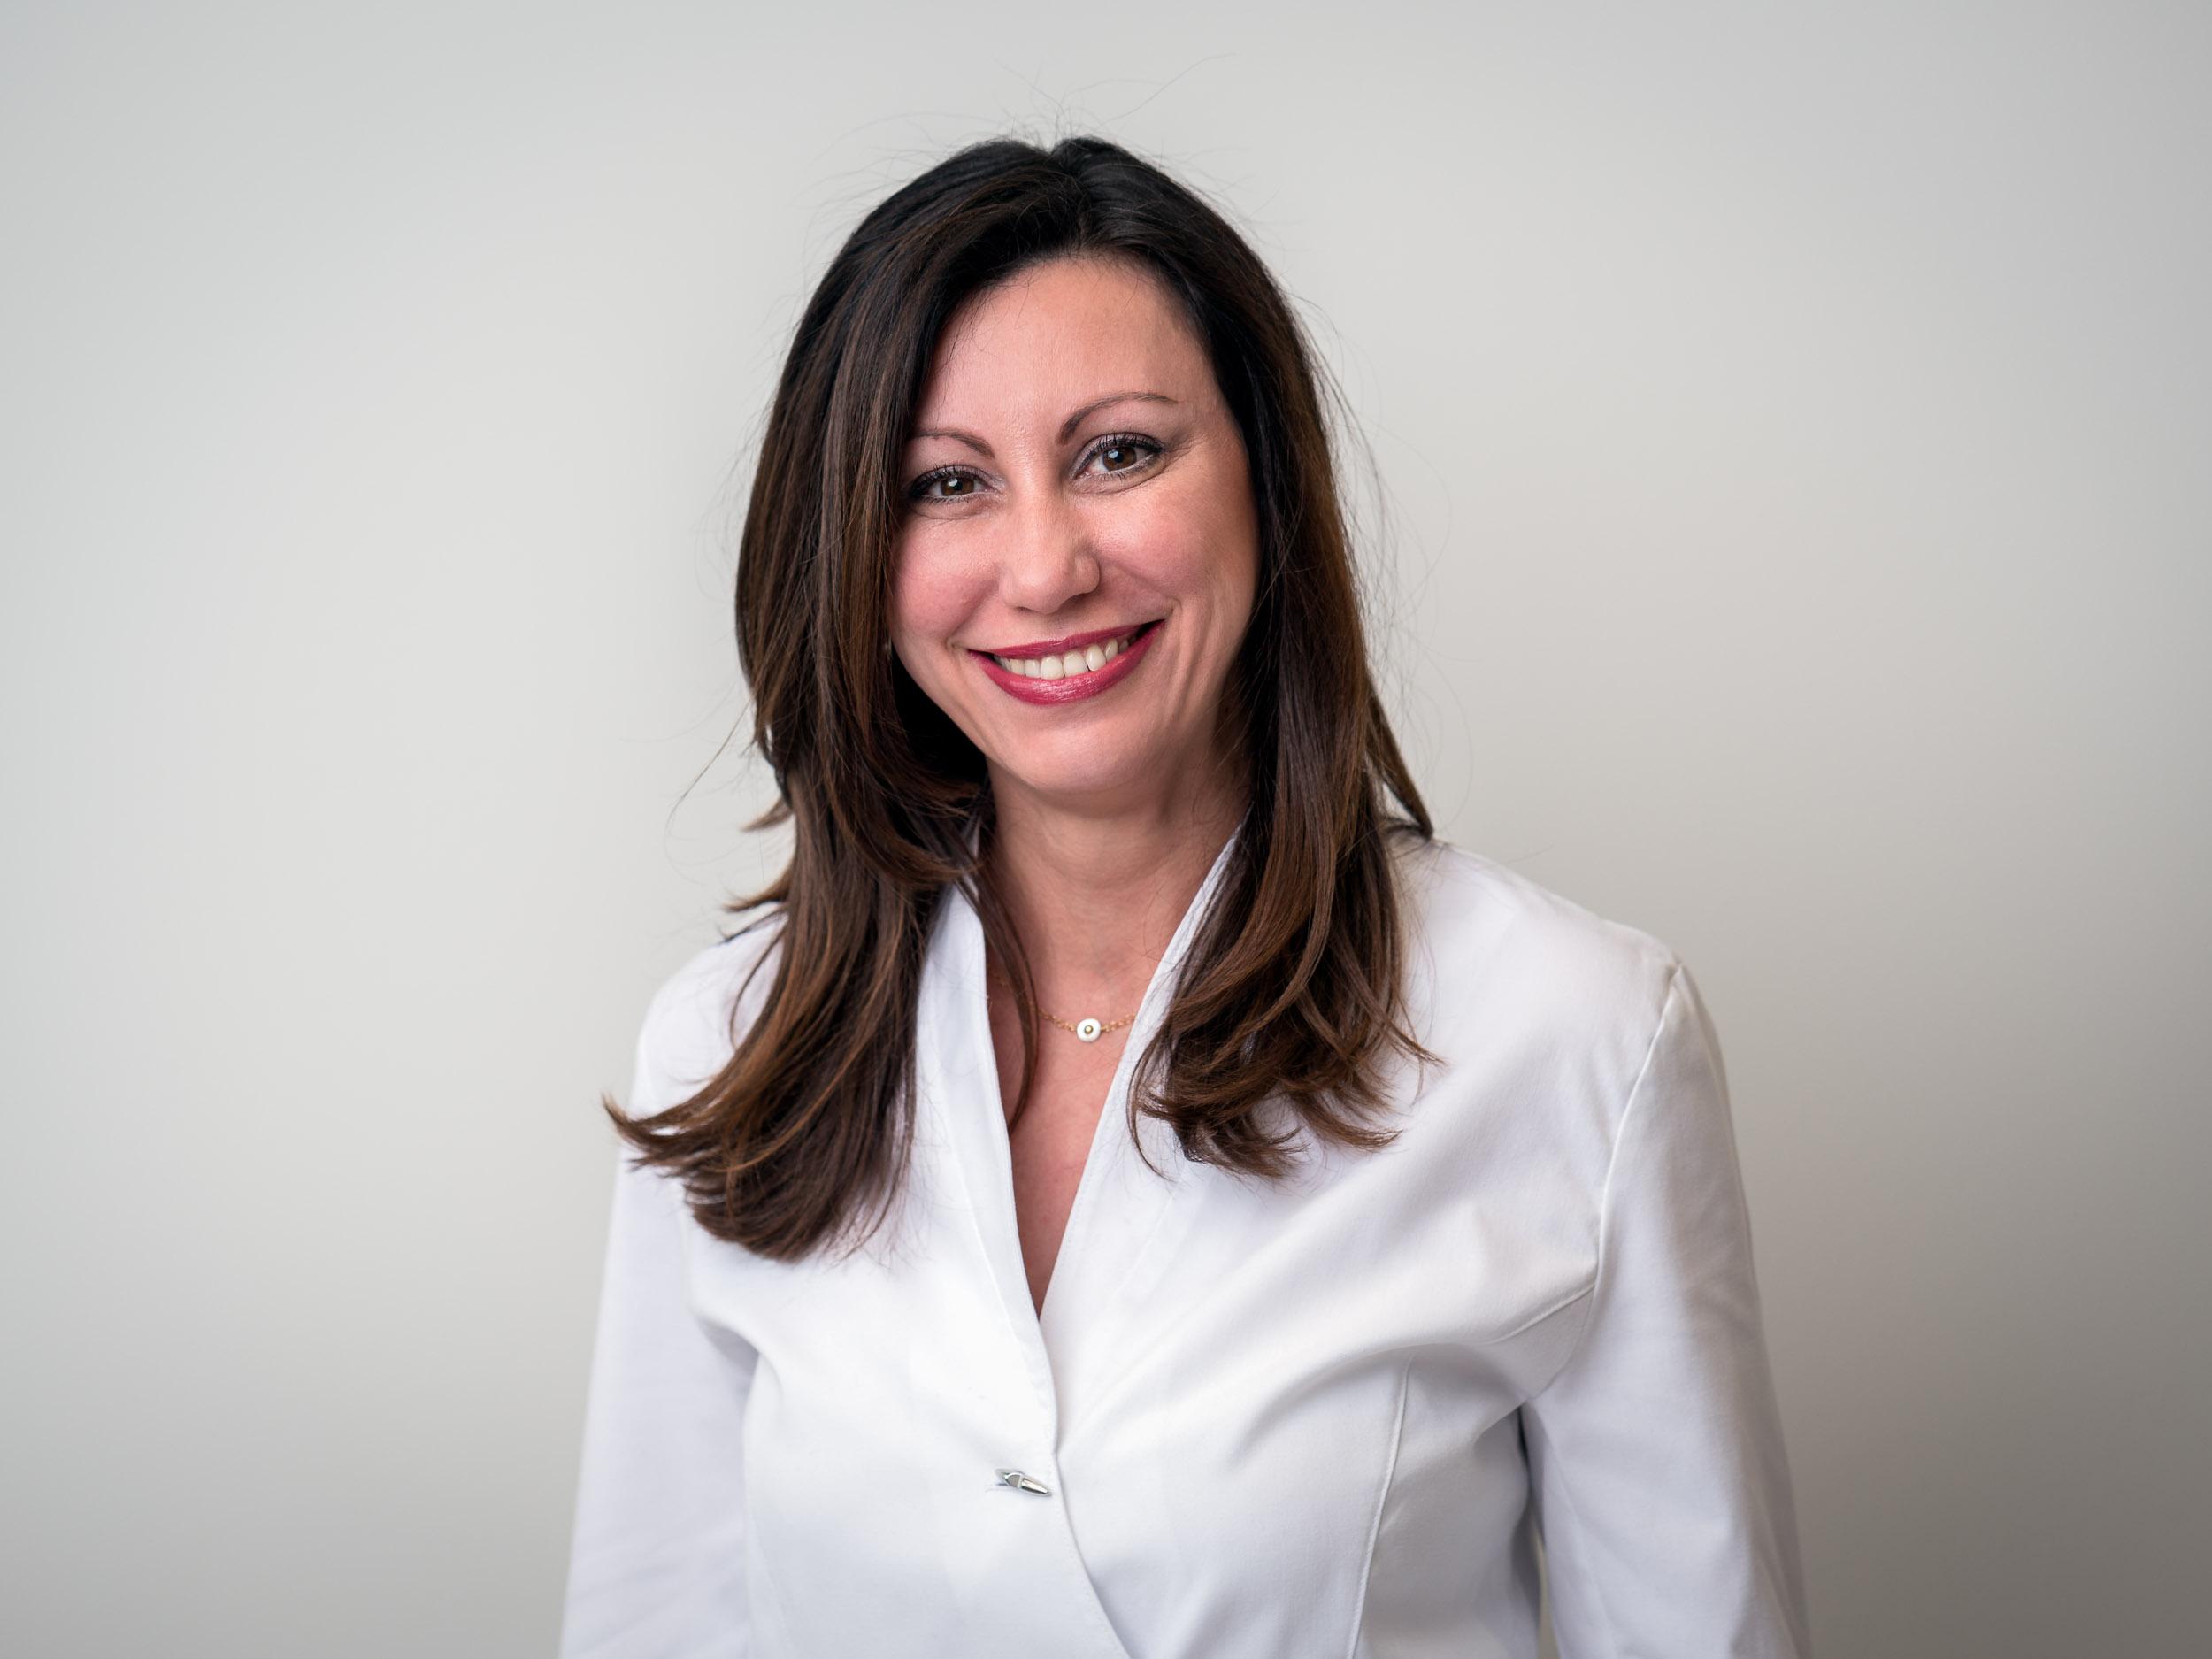 Dermatologie Klinik Zürich - Dr. med. Evangelia Georgouli